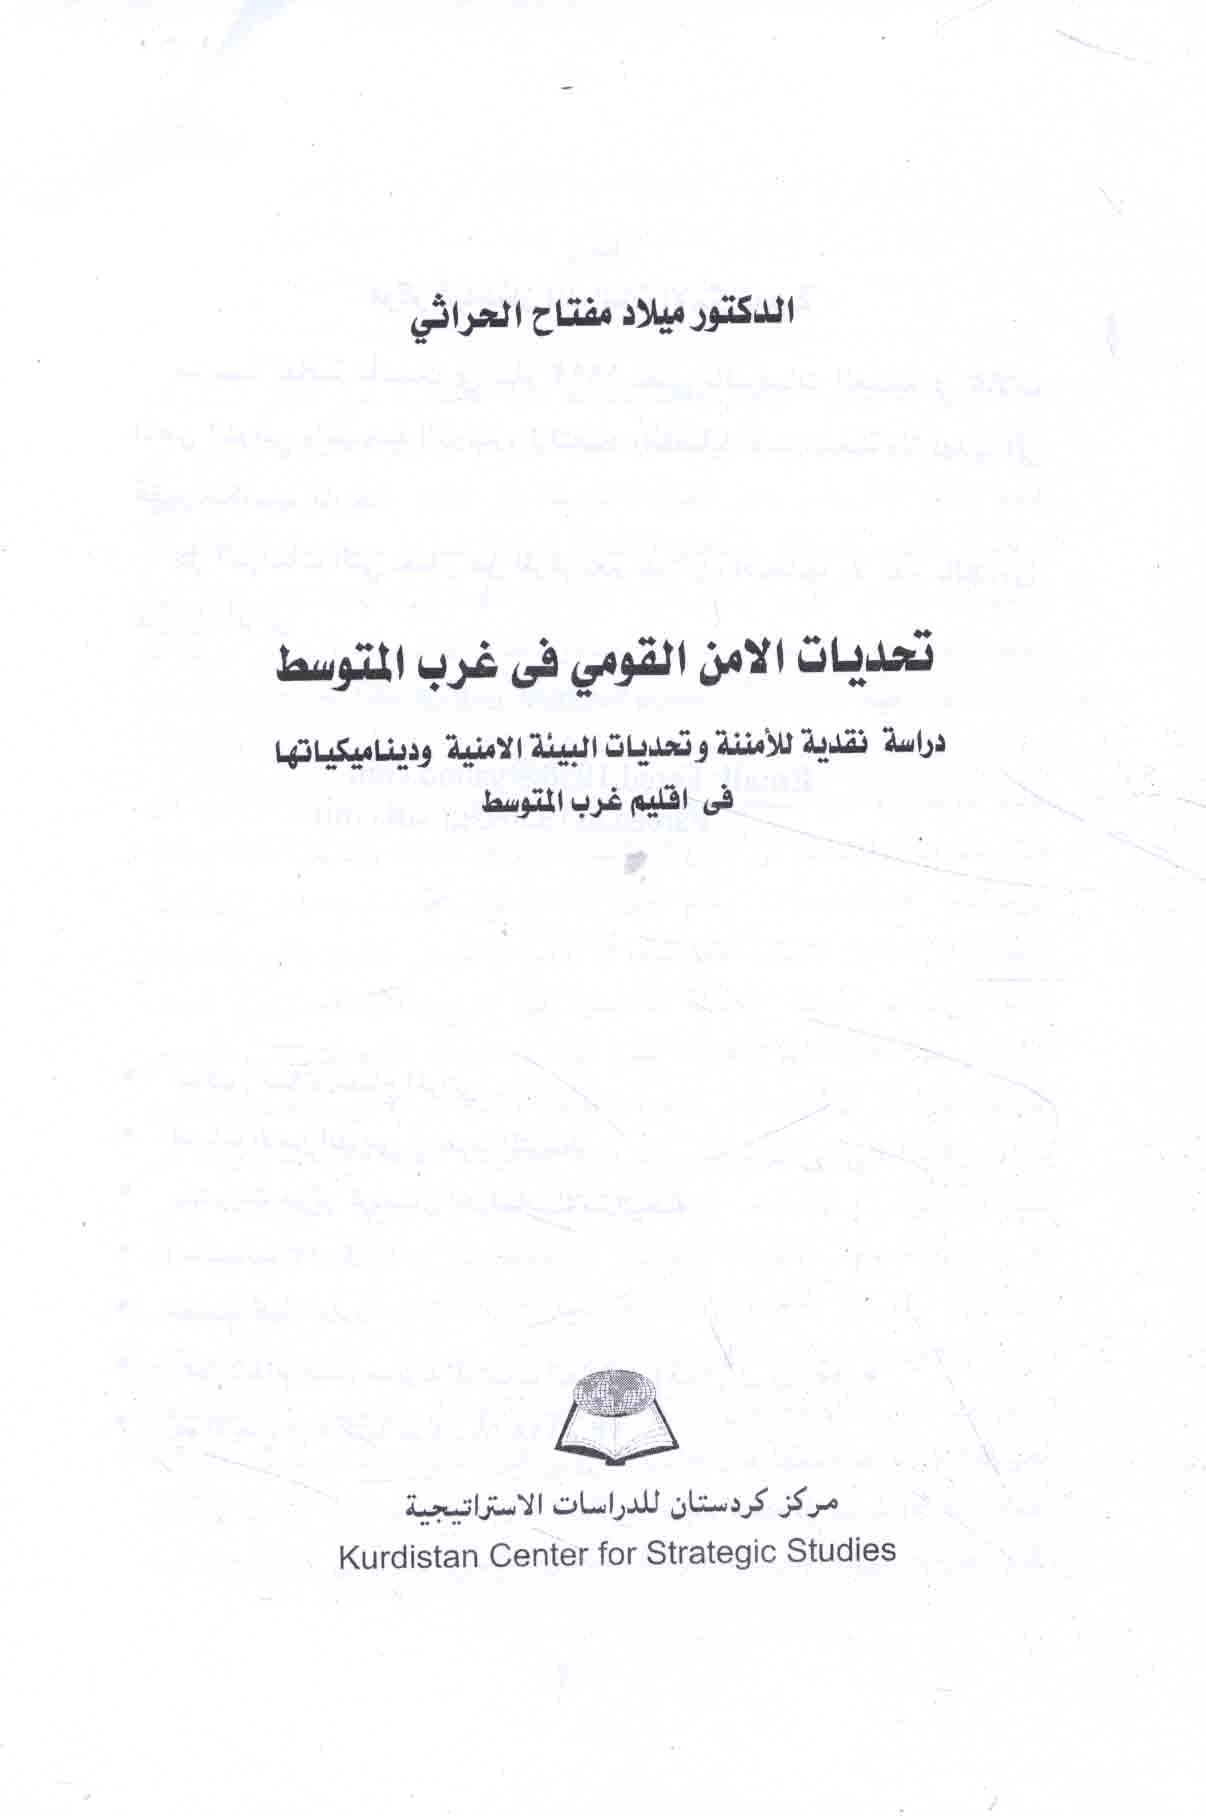 Imārāt al-ʻArabīyah al-Muttaḥidah bayna al-qadīm wa-al-ḥadīth wa-mushkilat al-juzur al-thalāth - dirāsah ijtimāʻīyah, siyāsīyah, iqtiṣādīyah, tarbawīyah